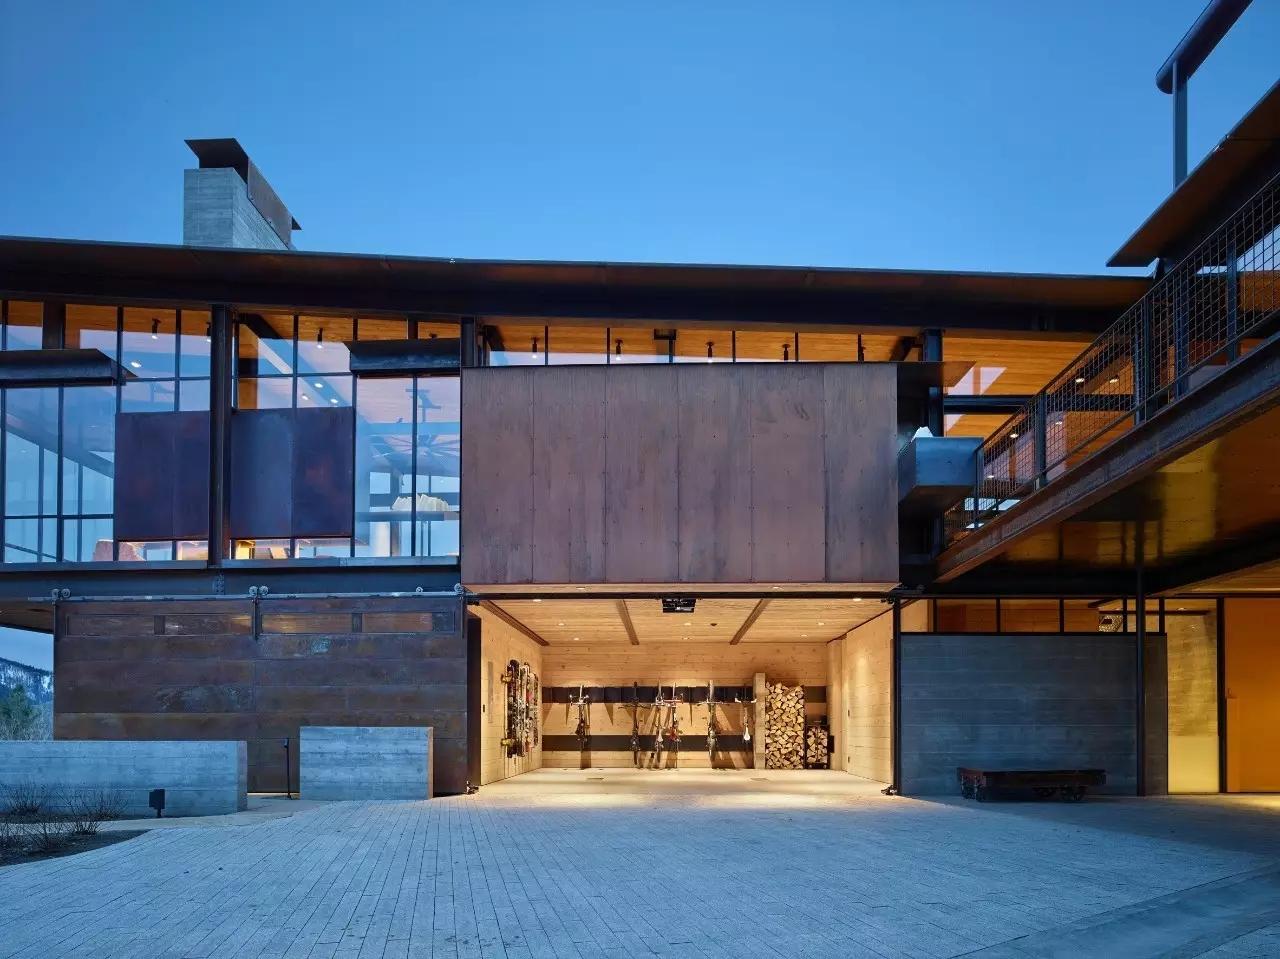 一半粗糙,一半精致,鄉下房子磚木結構和鋼結構才有范兒